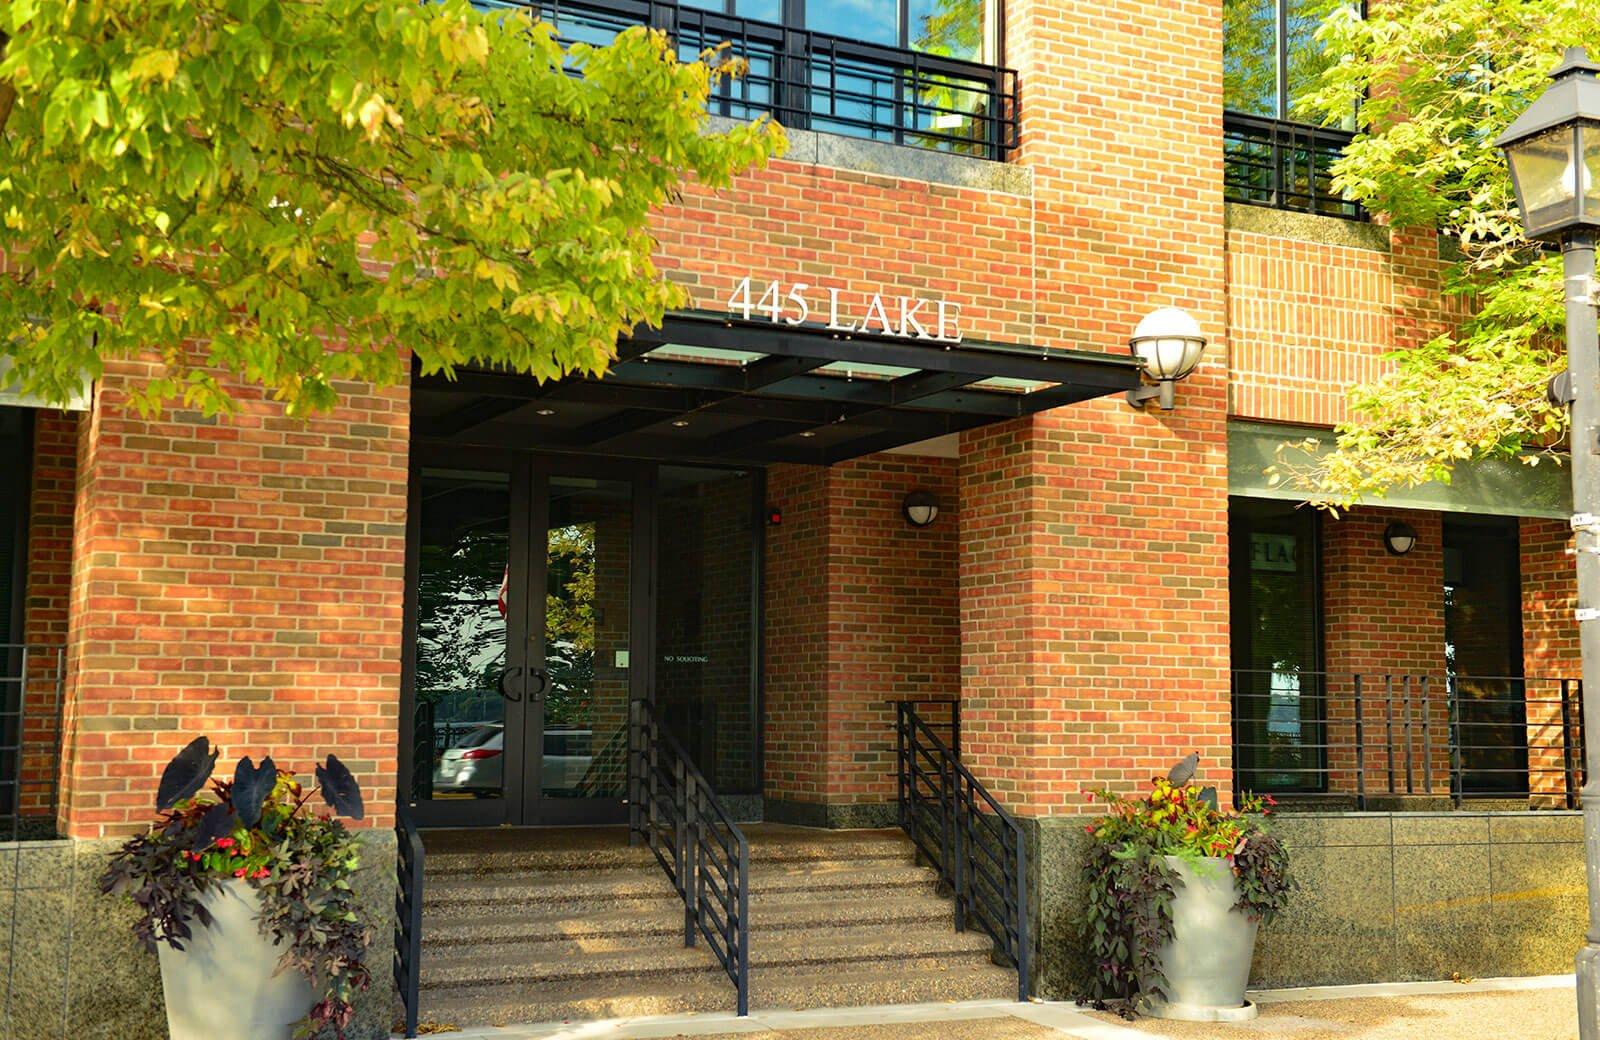 NP-International-445-Lake-Street